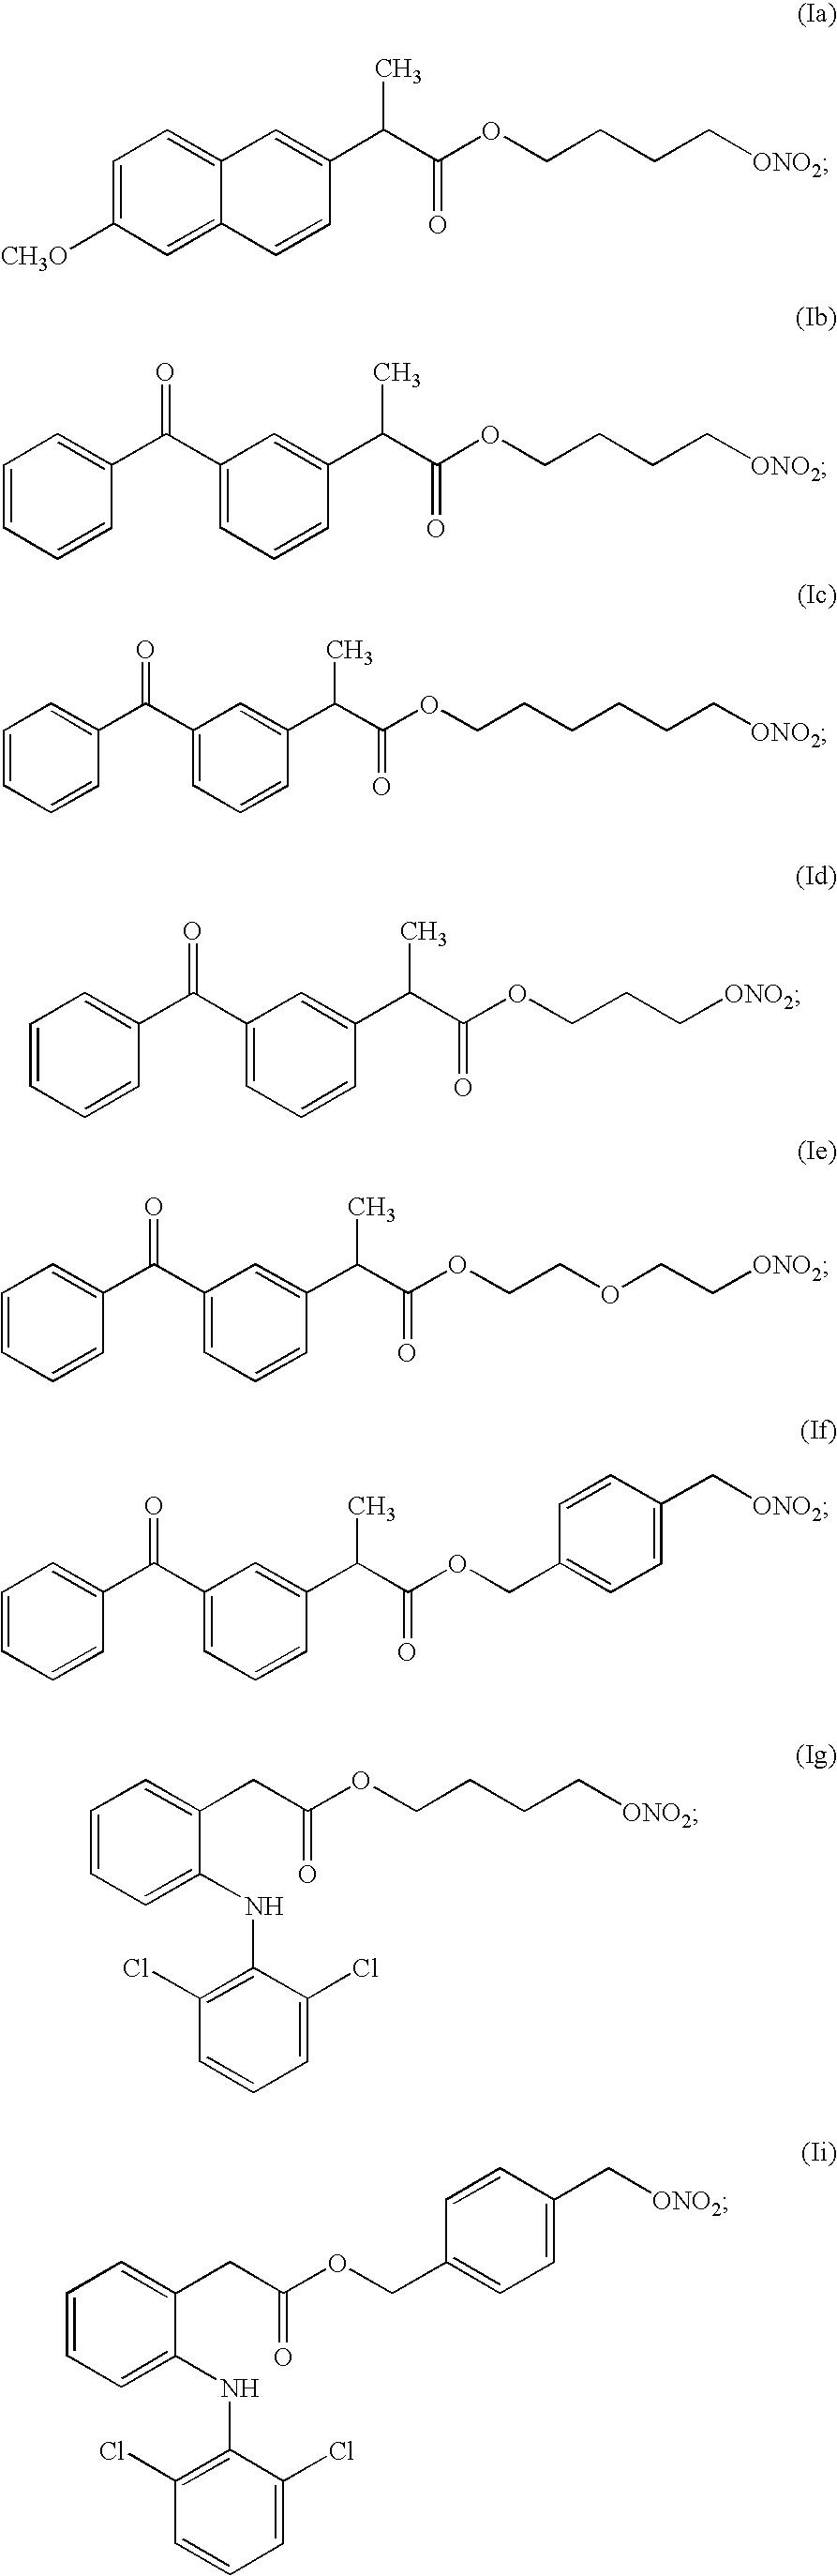 Figure US20040096494A1-20040520-C00004